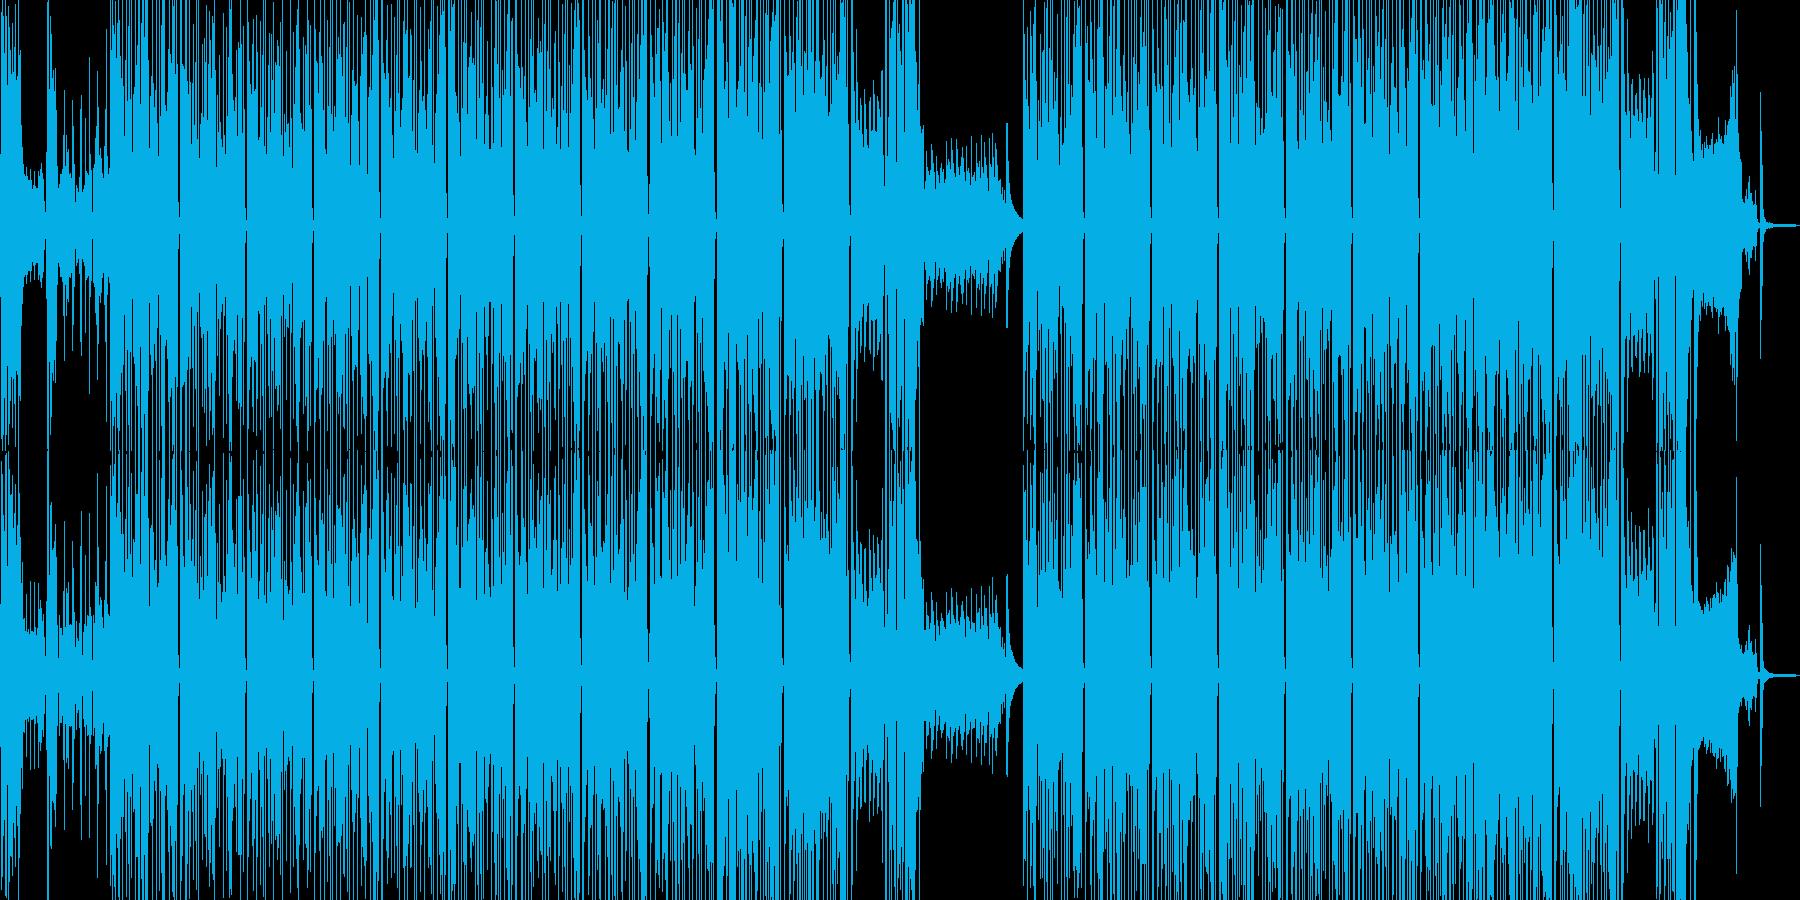 タイム制限クイズ・徐々に盛り上がる構成の再生済みの波形